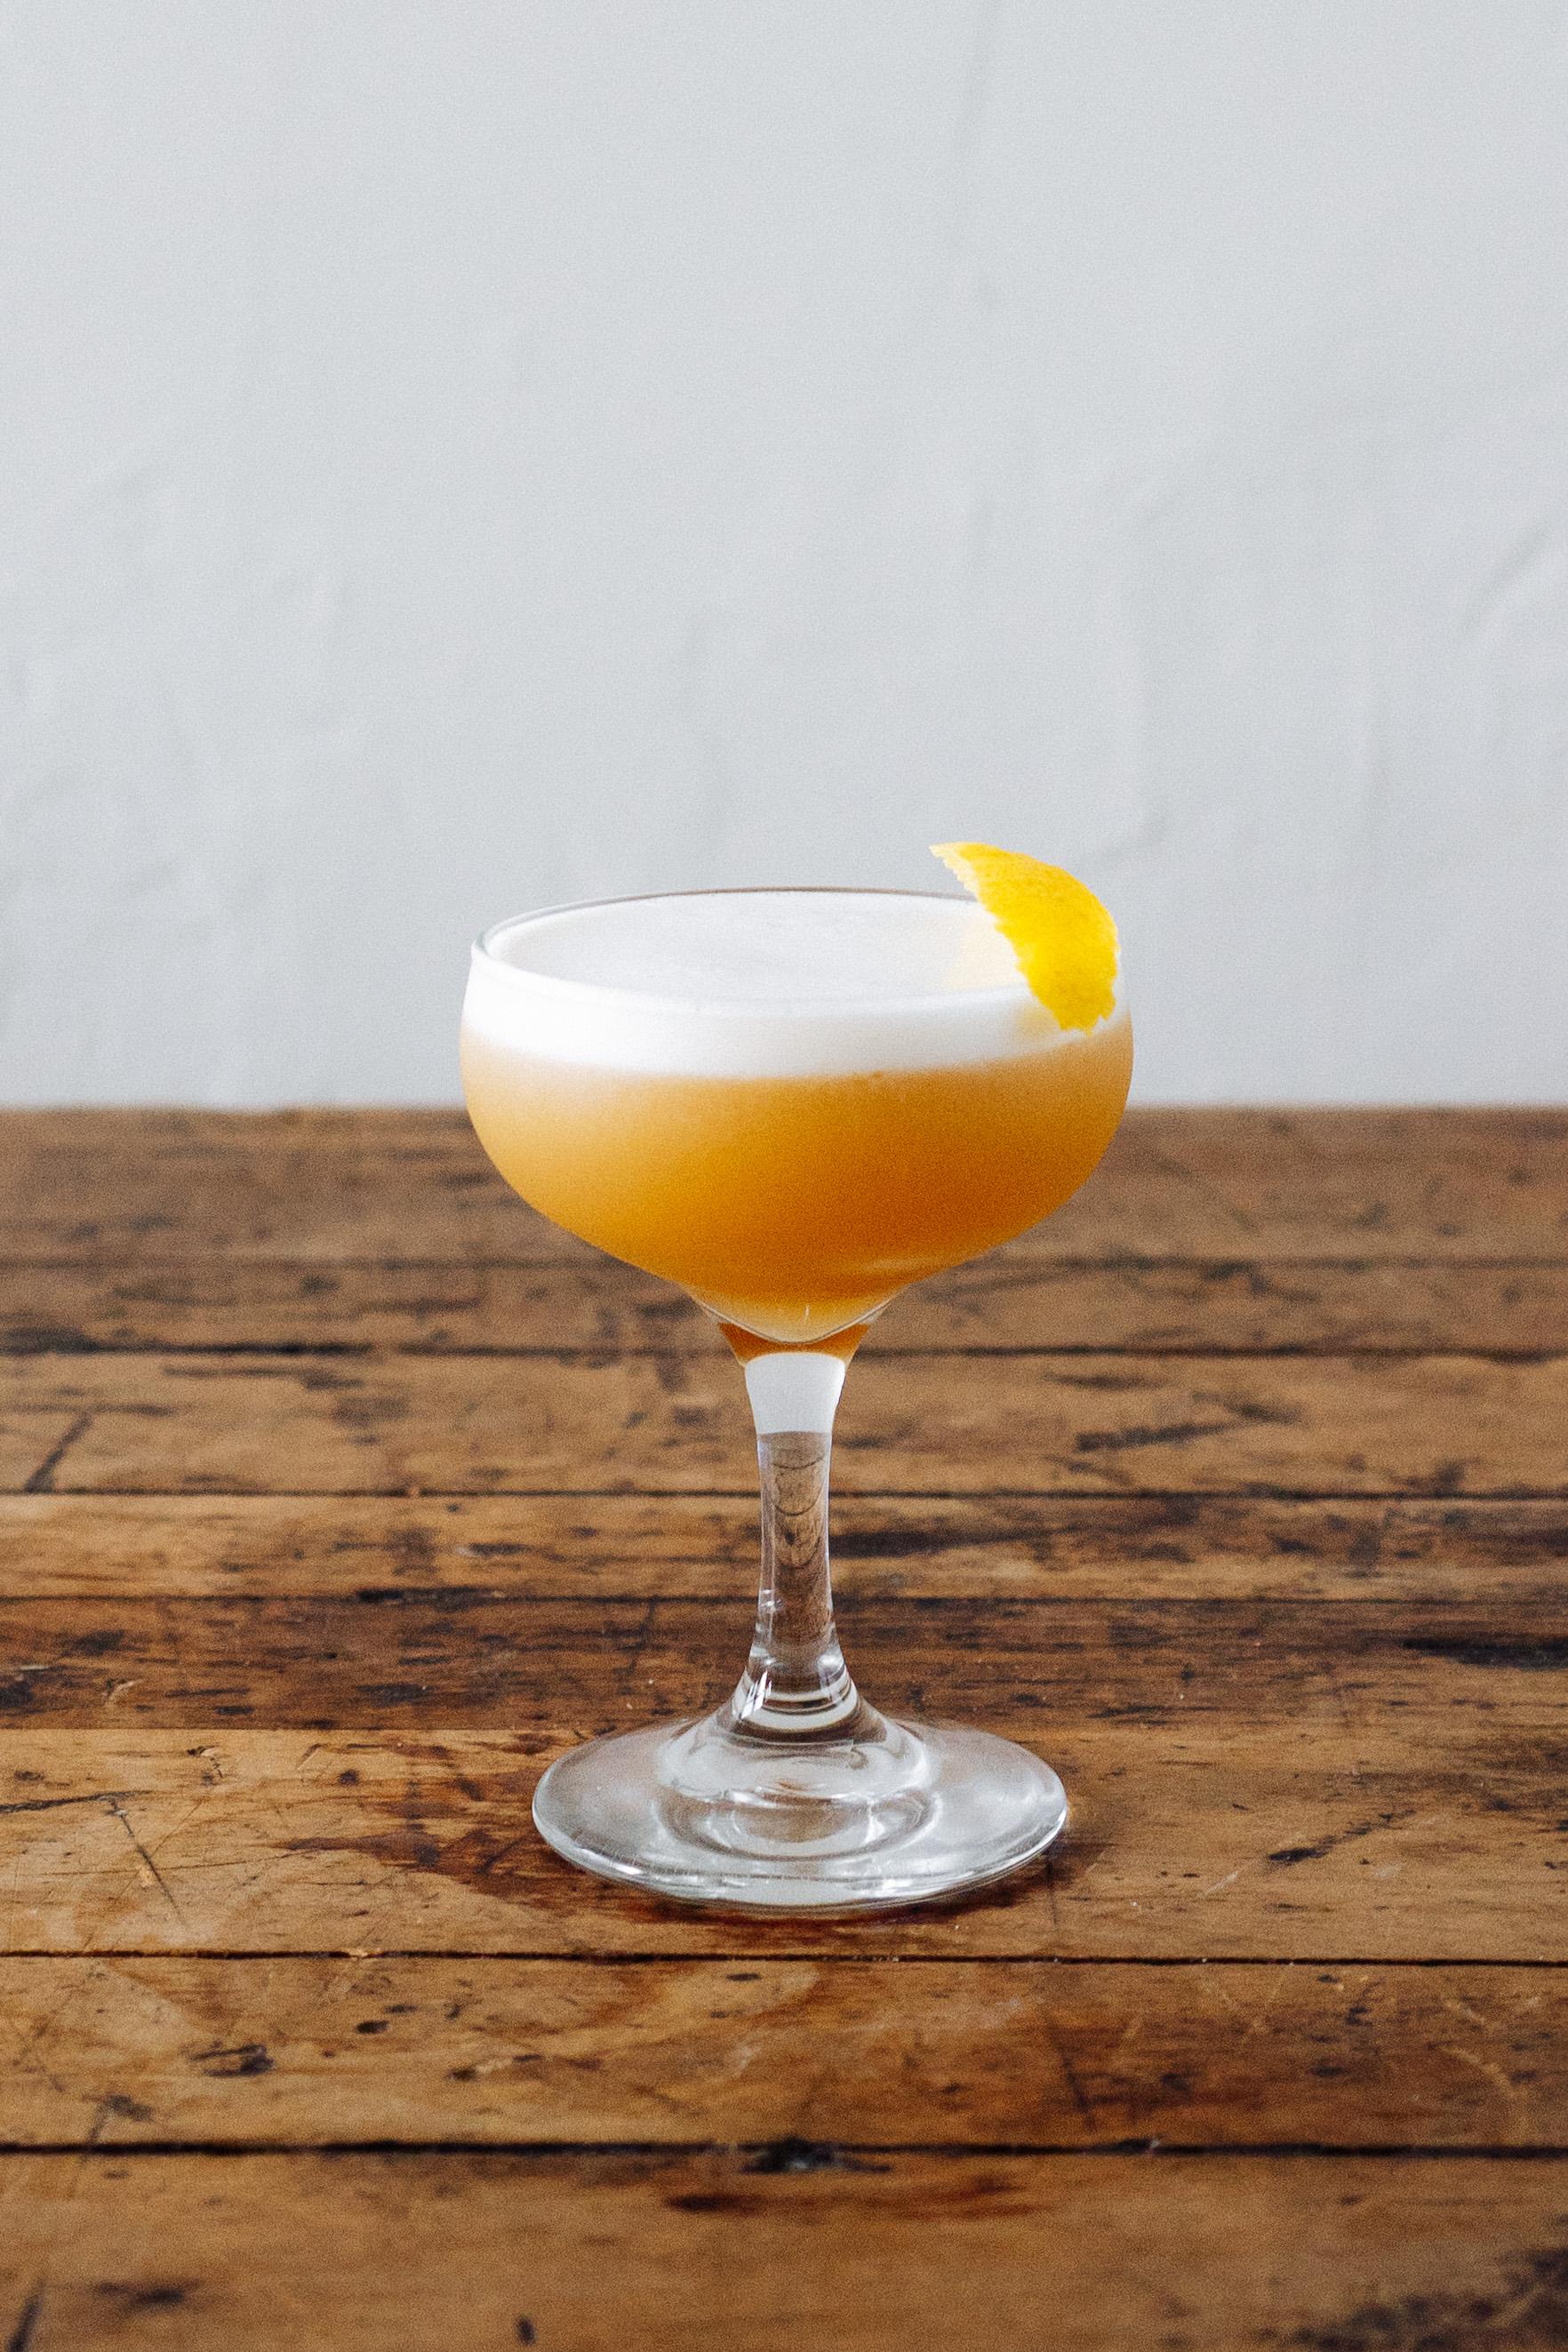 MARSHALL GOLD   1 1/2 oz Double Oak Bourbon  1/2 oz Chareau  3/4 oz Lemon Juice  1/2 oz Simple  1 Egg White  Build in tin, dry shake, wet shake, and double strain. Garnish with lemon peel.